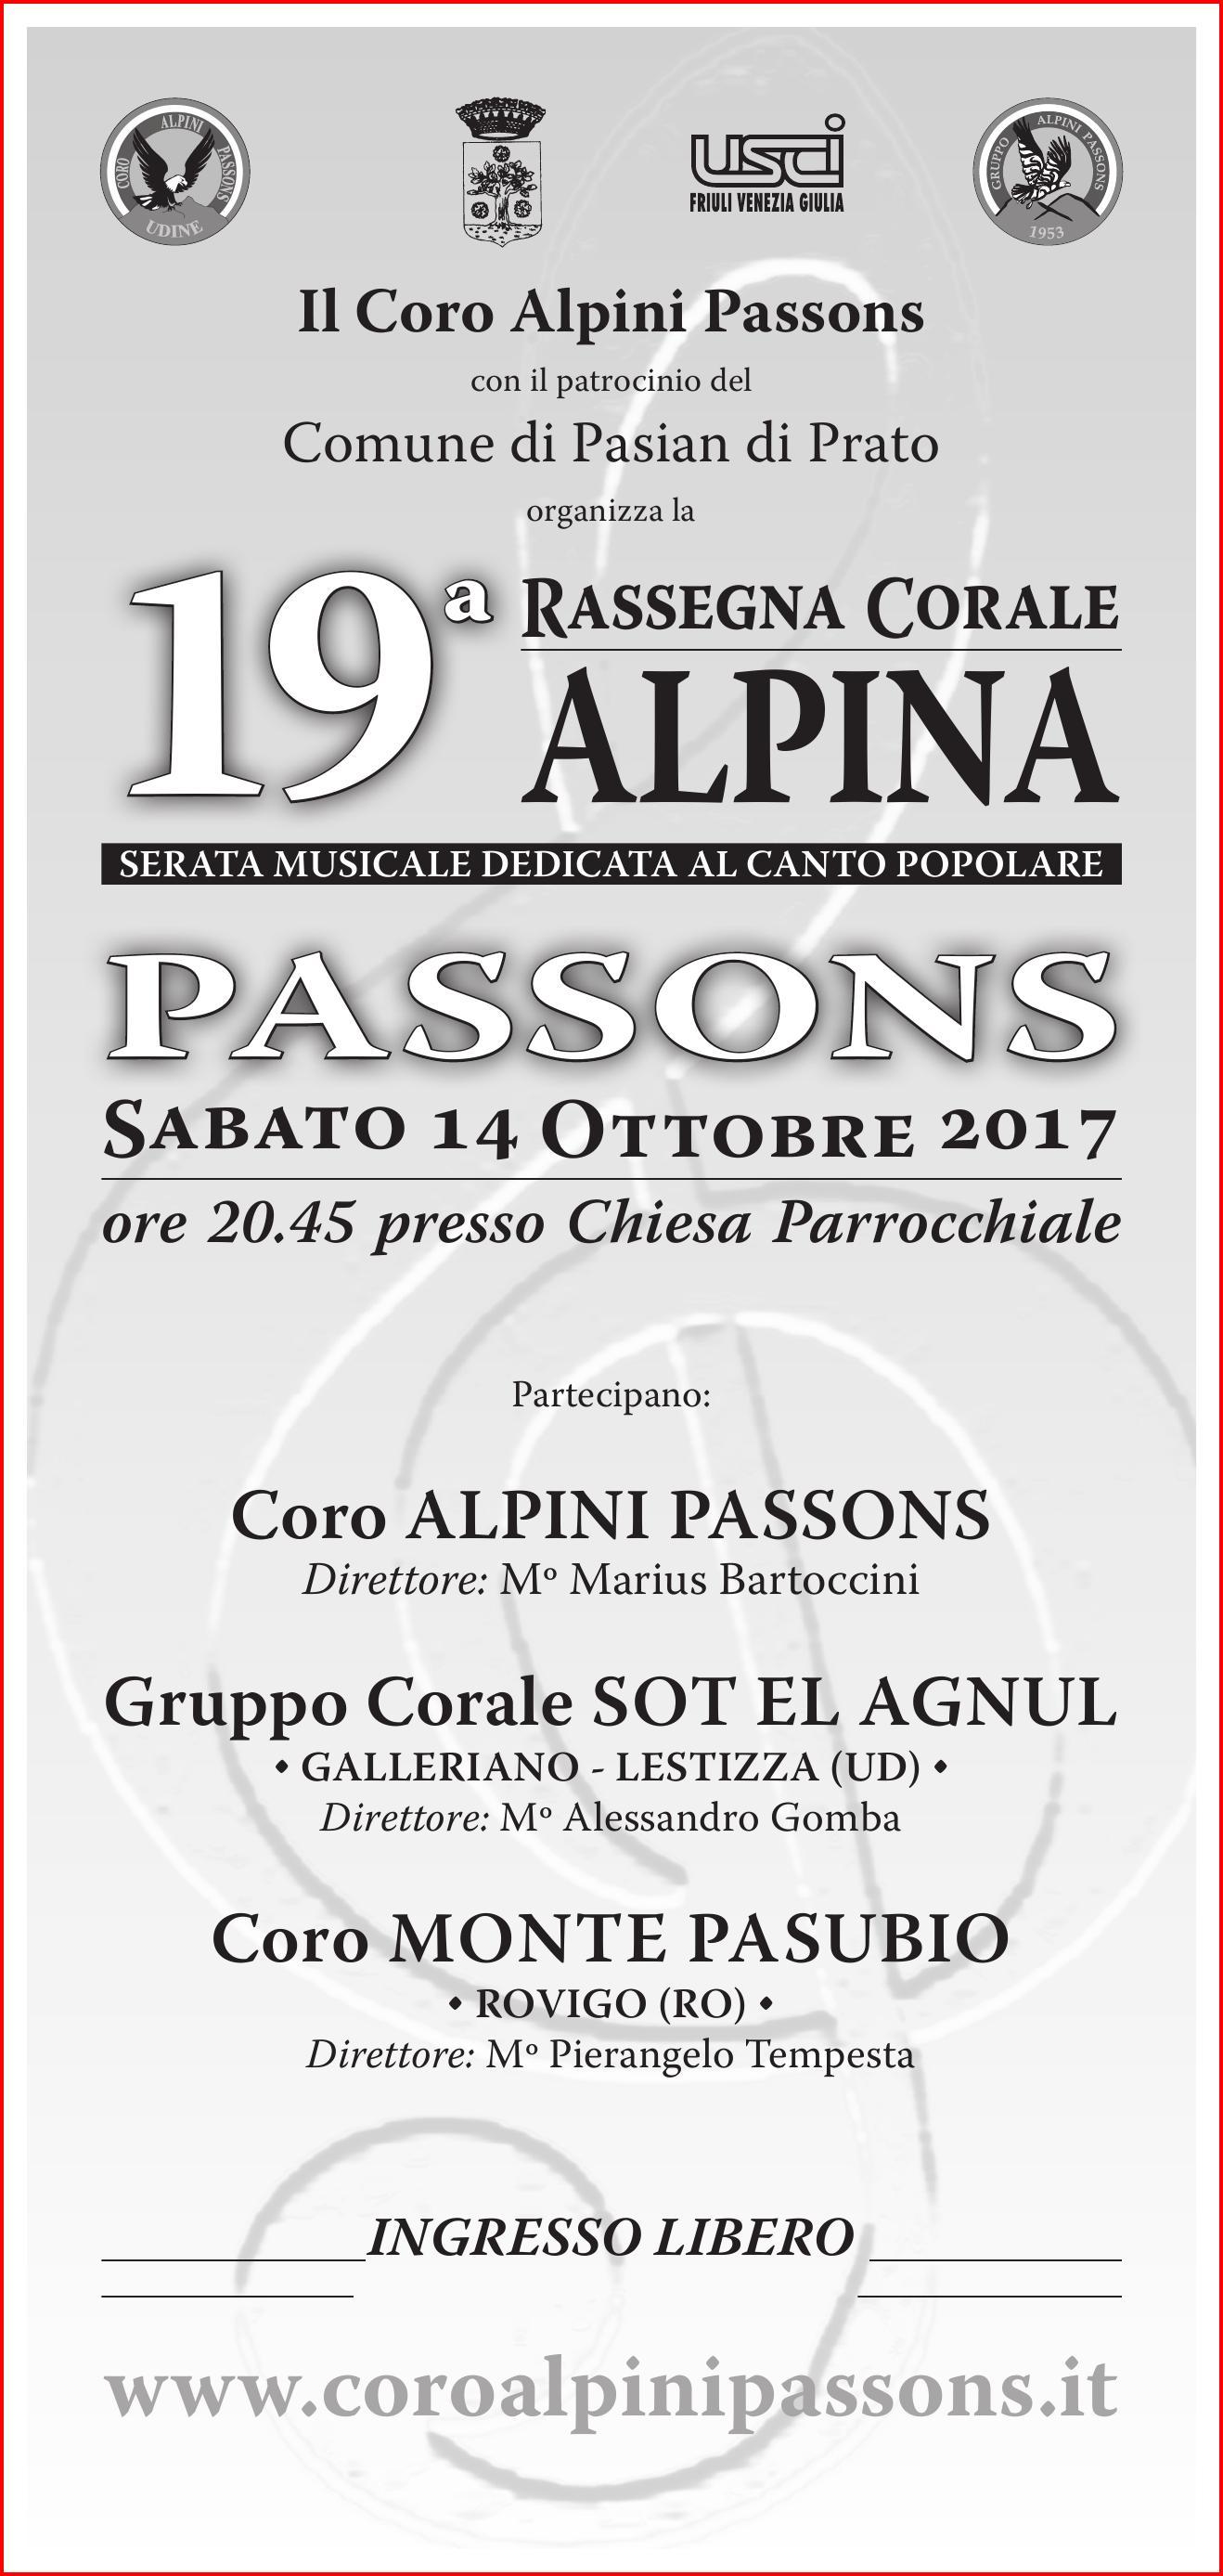 19^ Rassegna Corale Alpina Passons